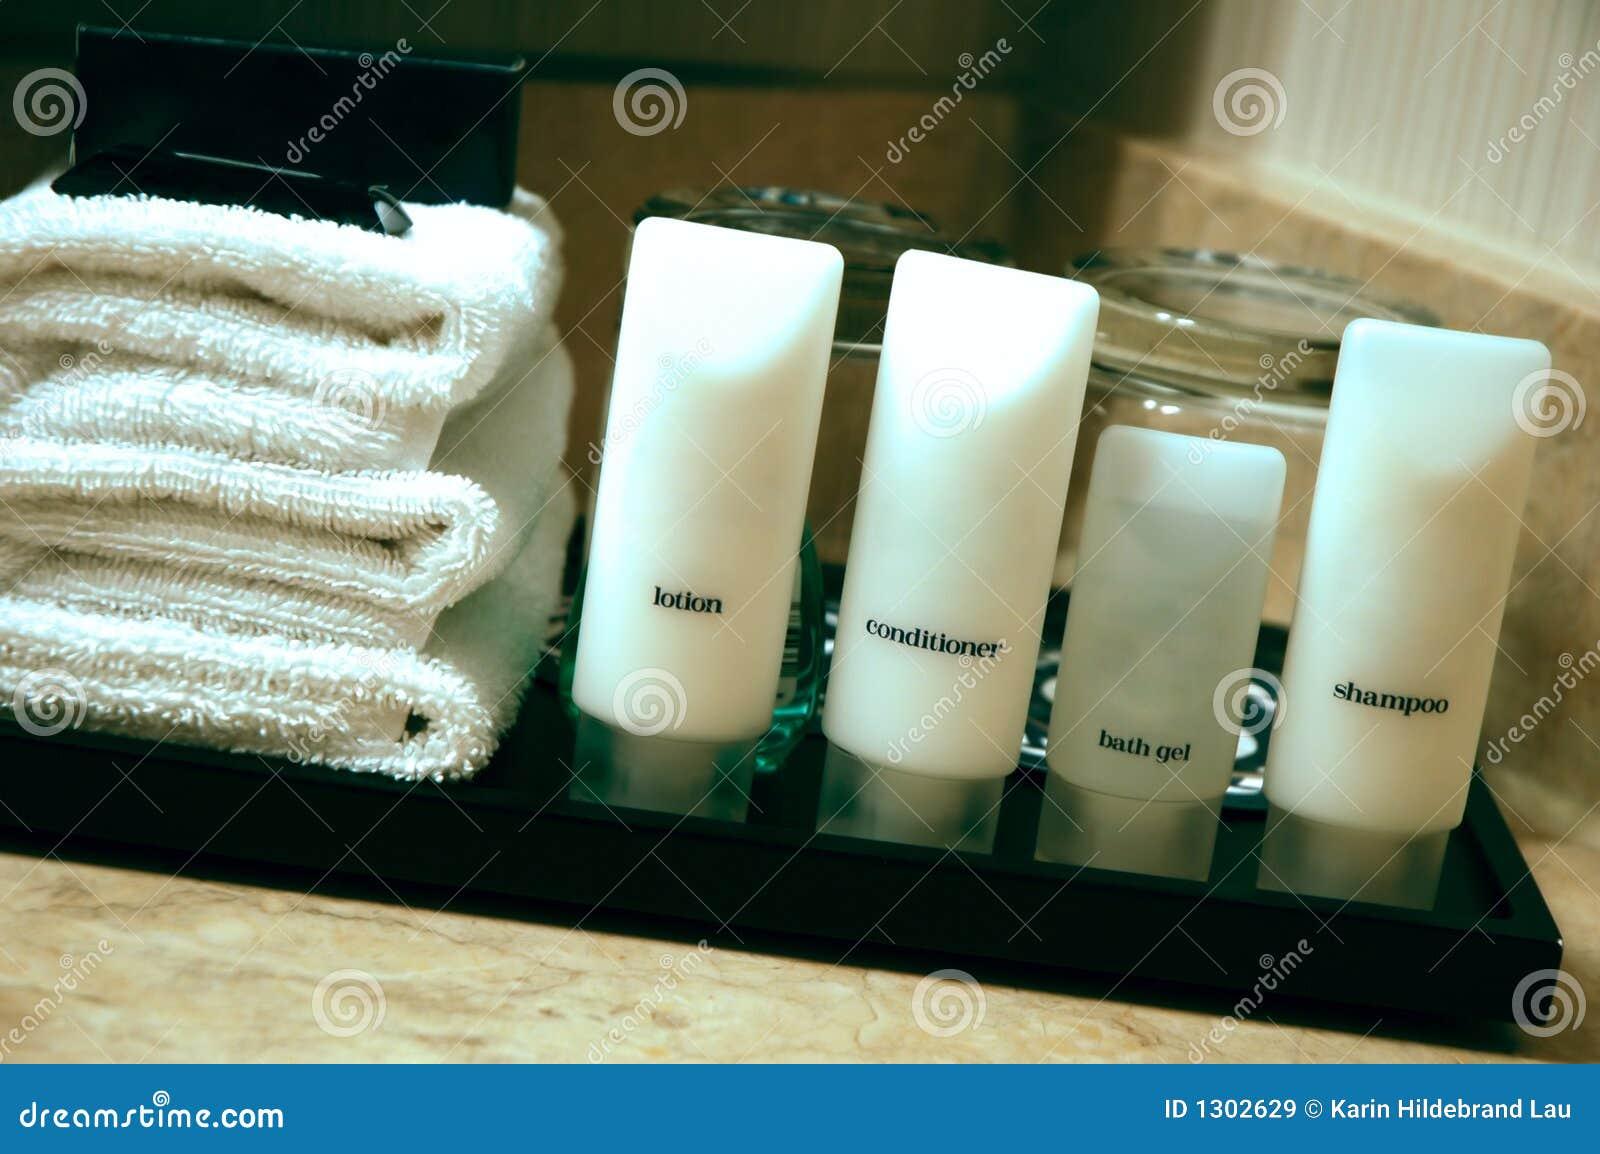 Toilettenartikel